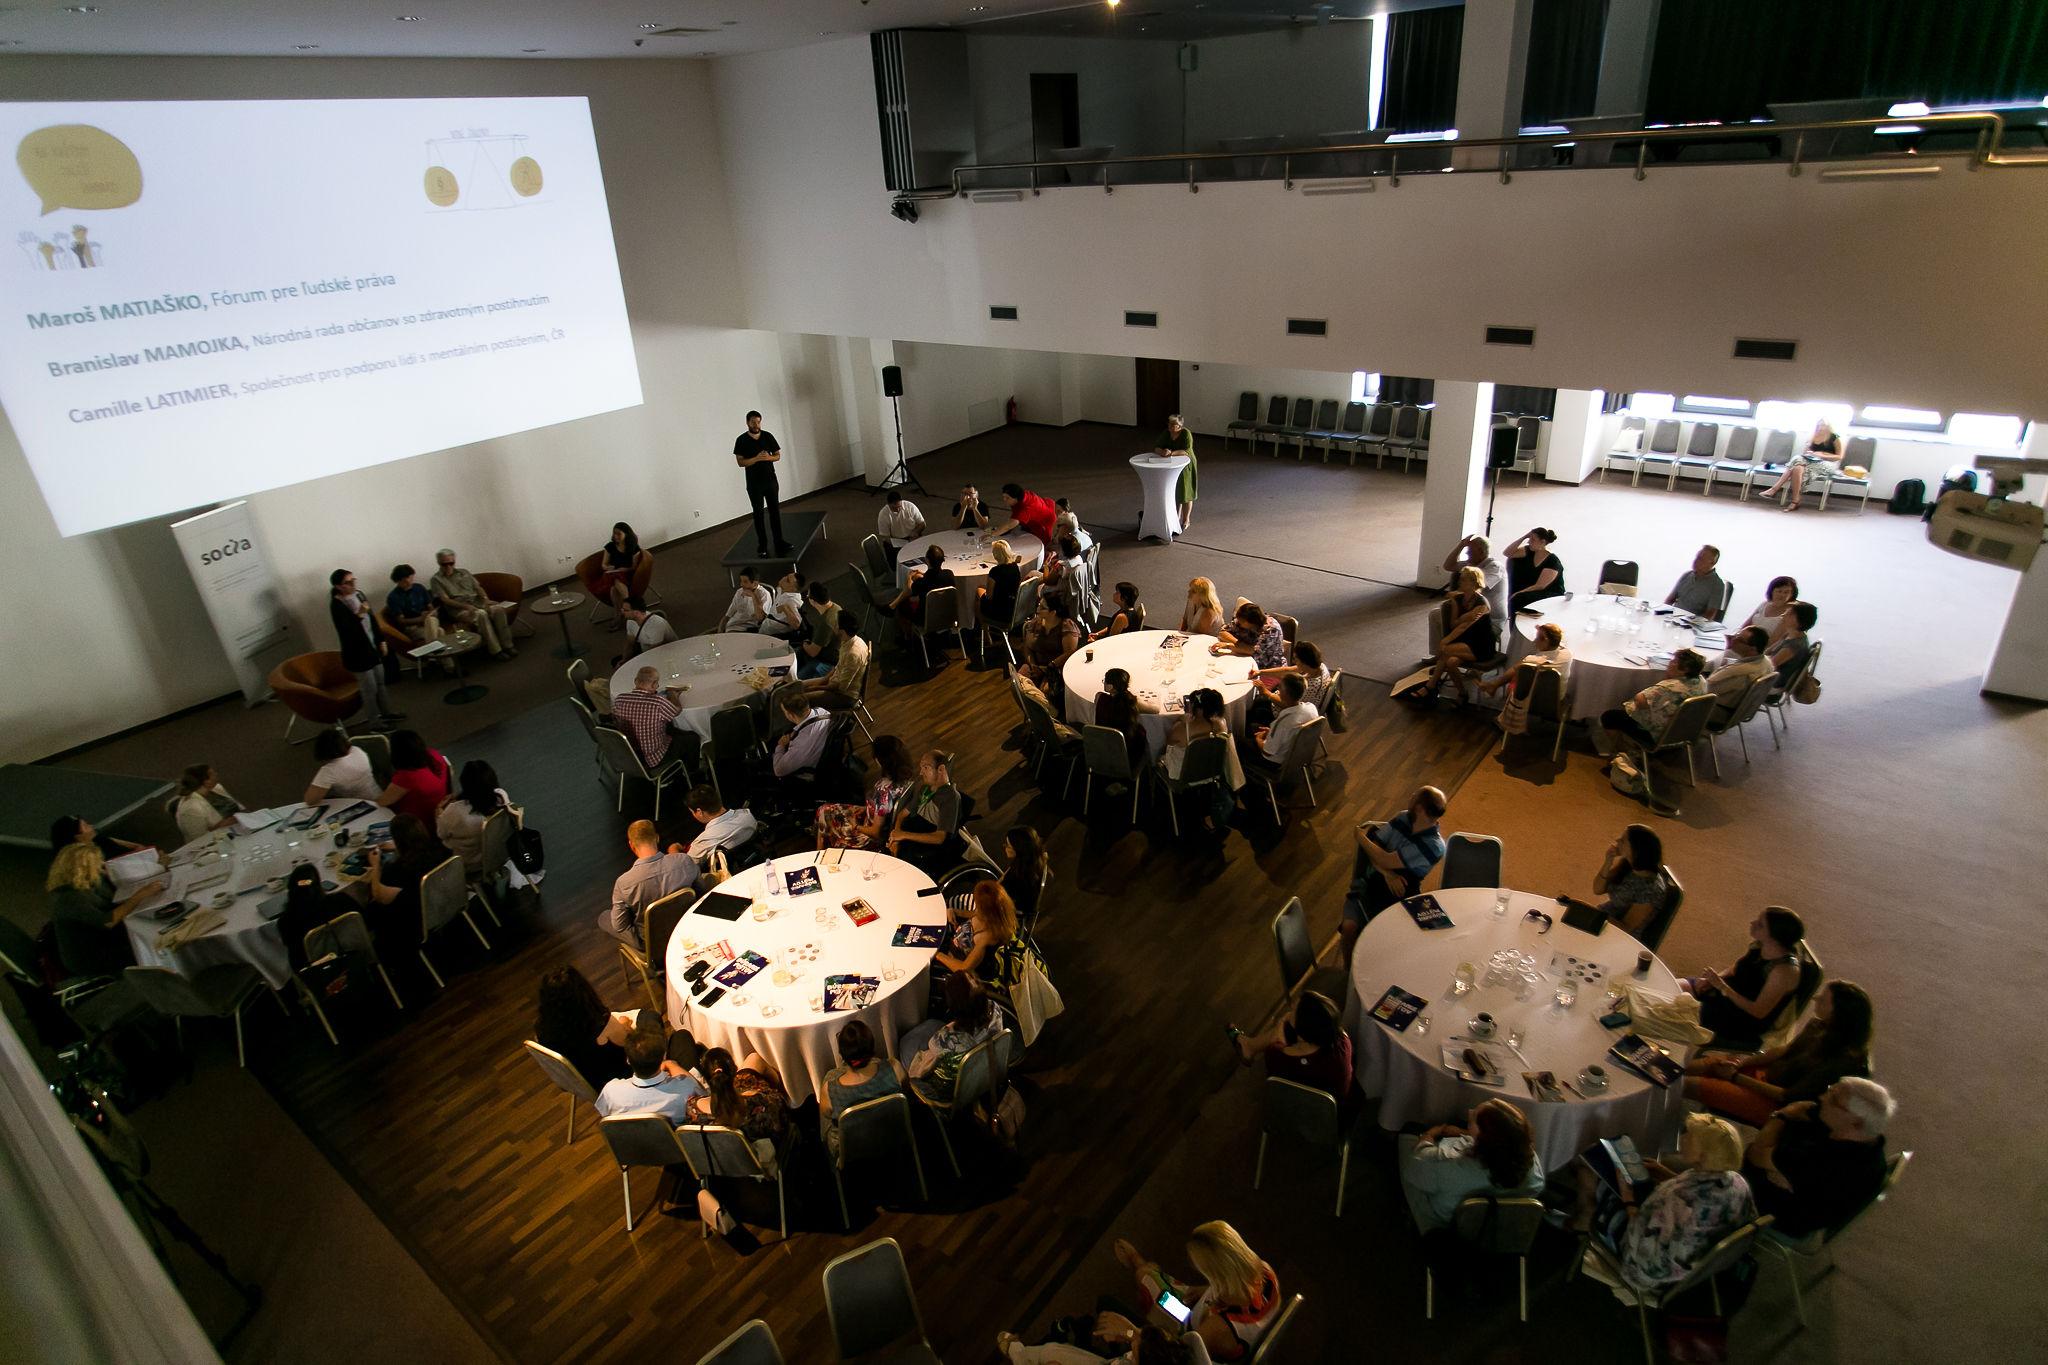 pohľad na účastníkov konferencie a konferenčnú miestnosť